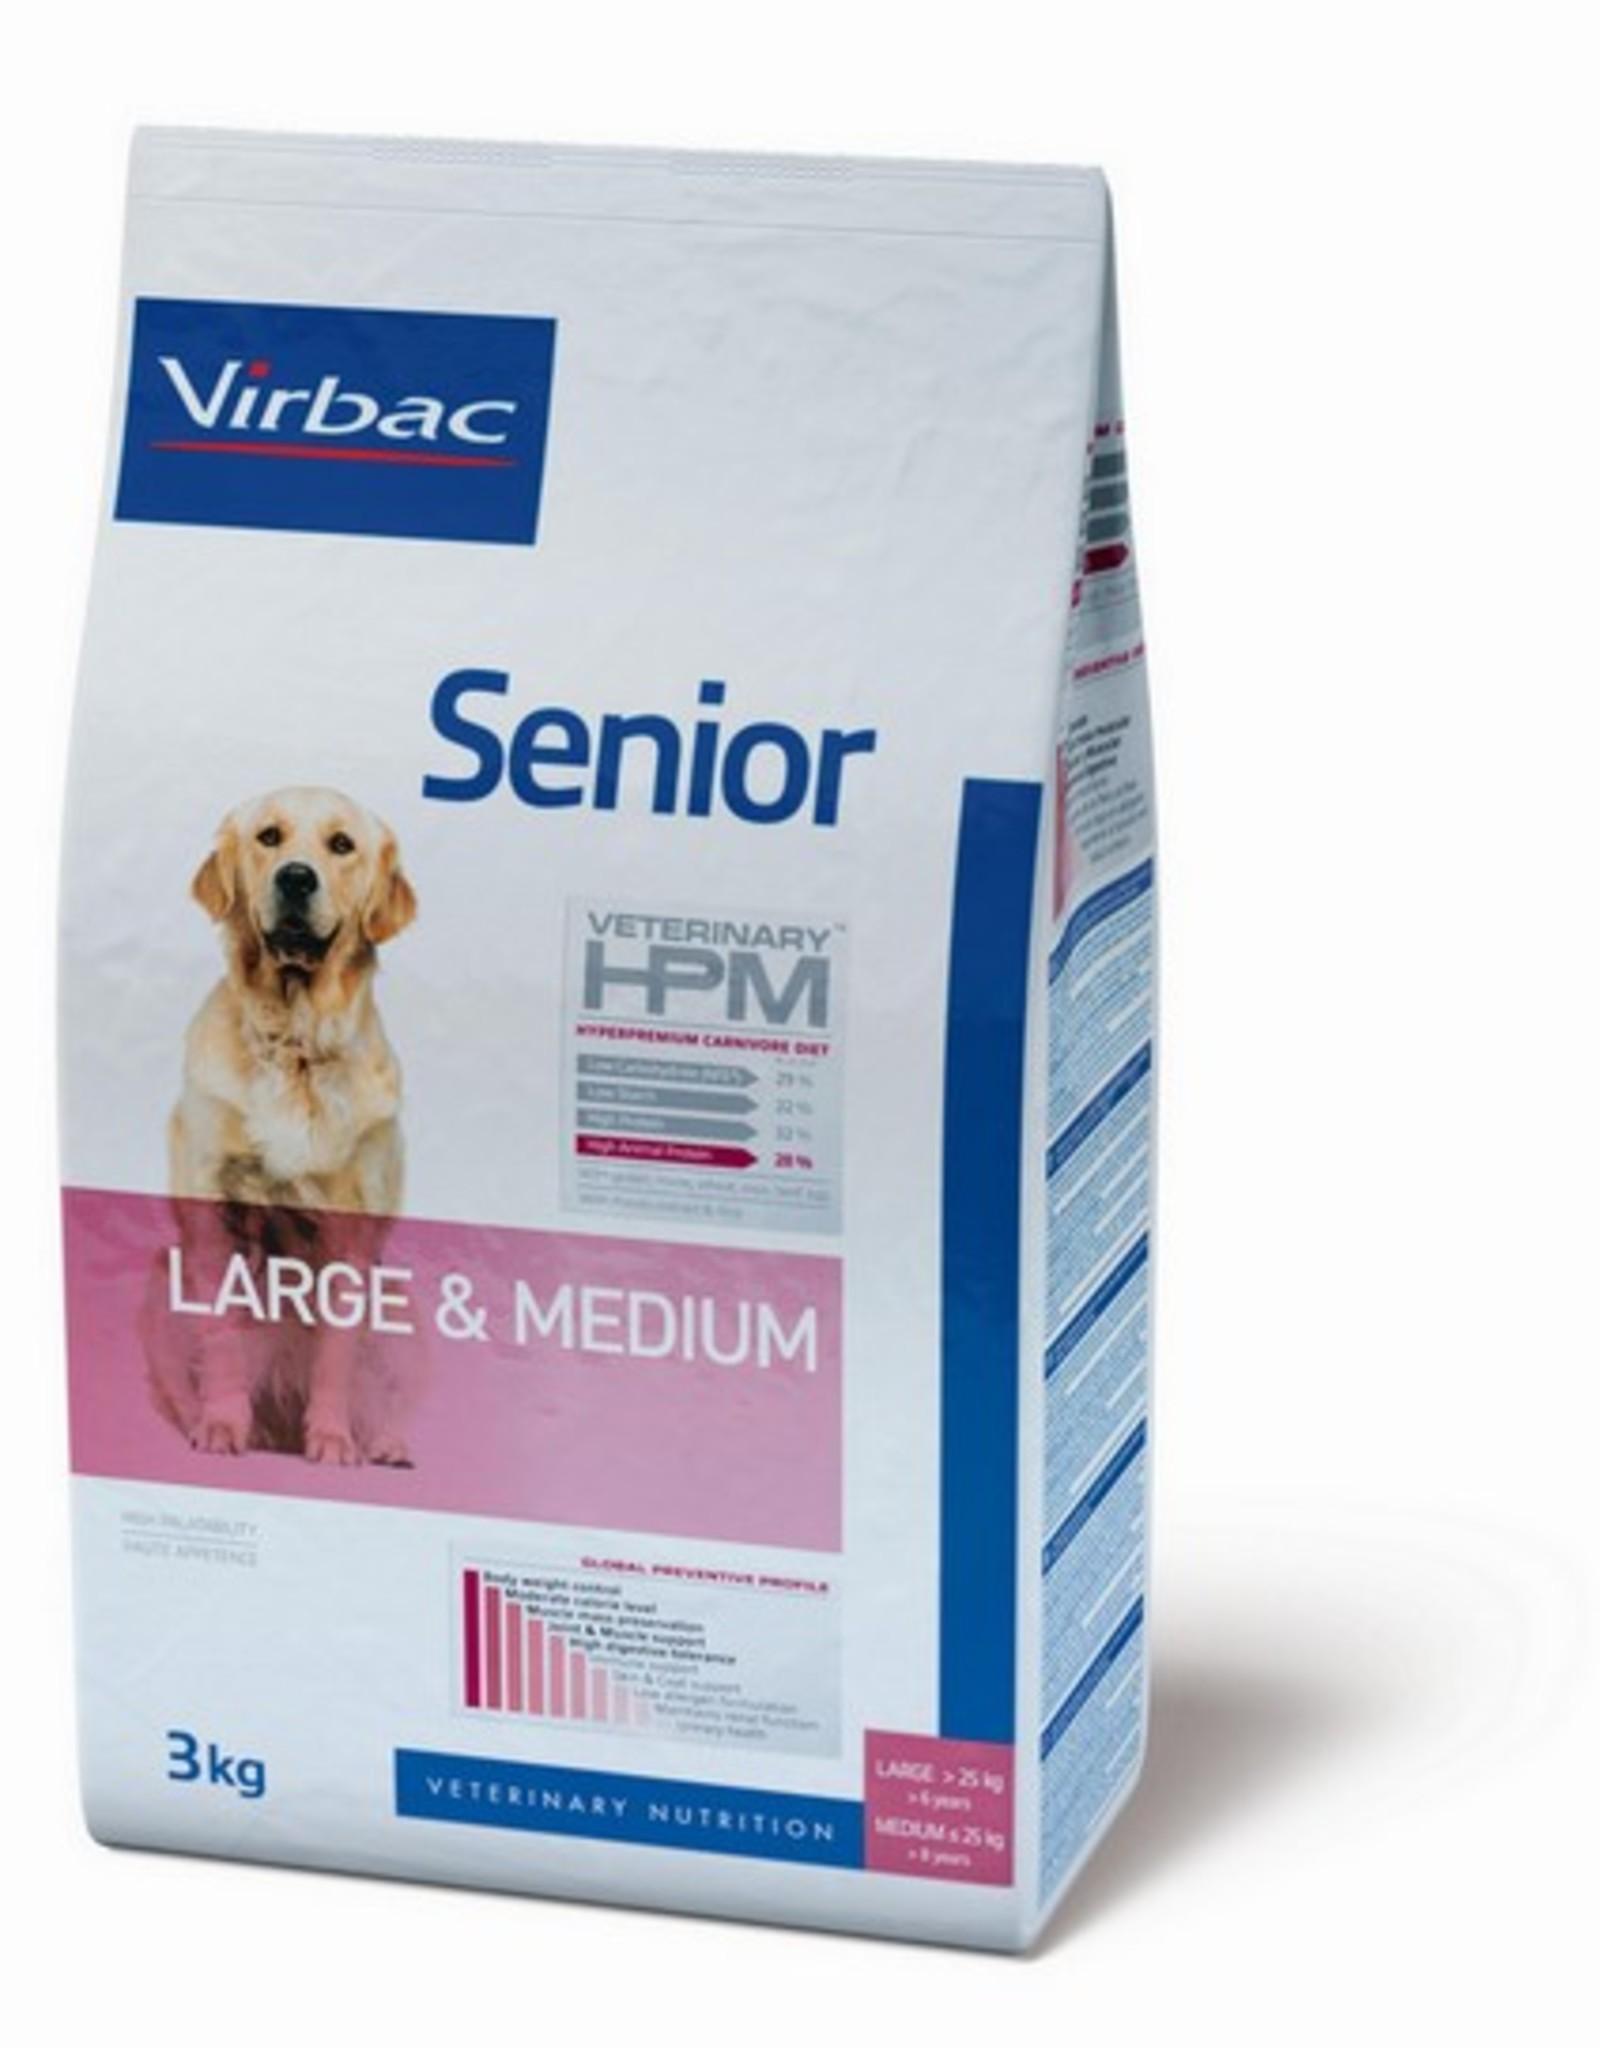 Virbac Virbac Hpm Hund Senior Large/medium Breed 12kg